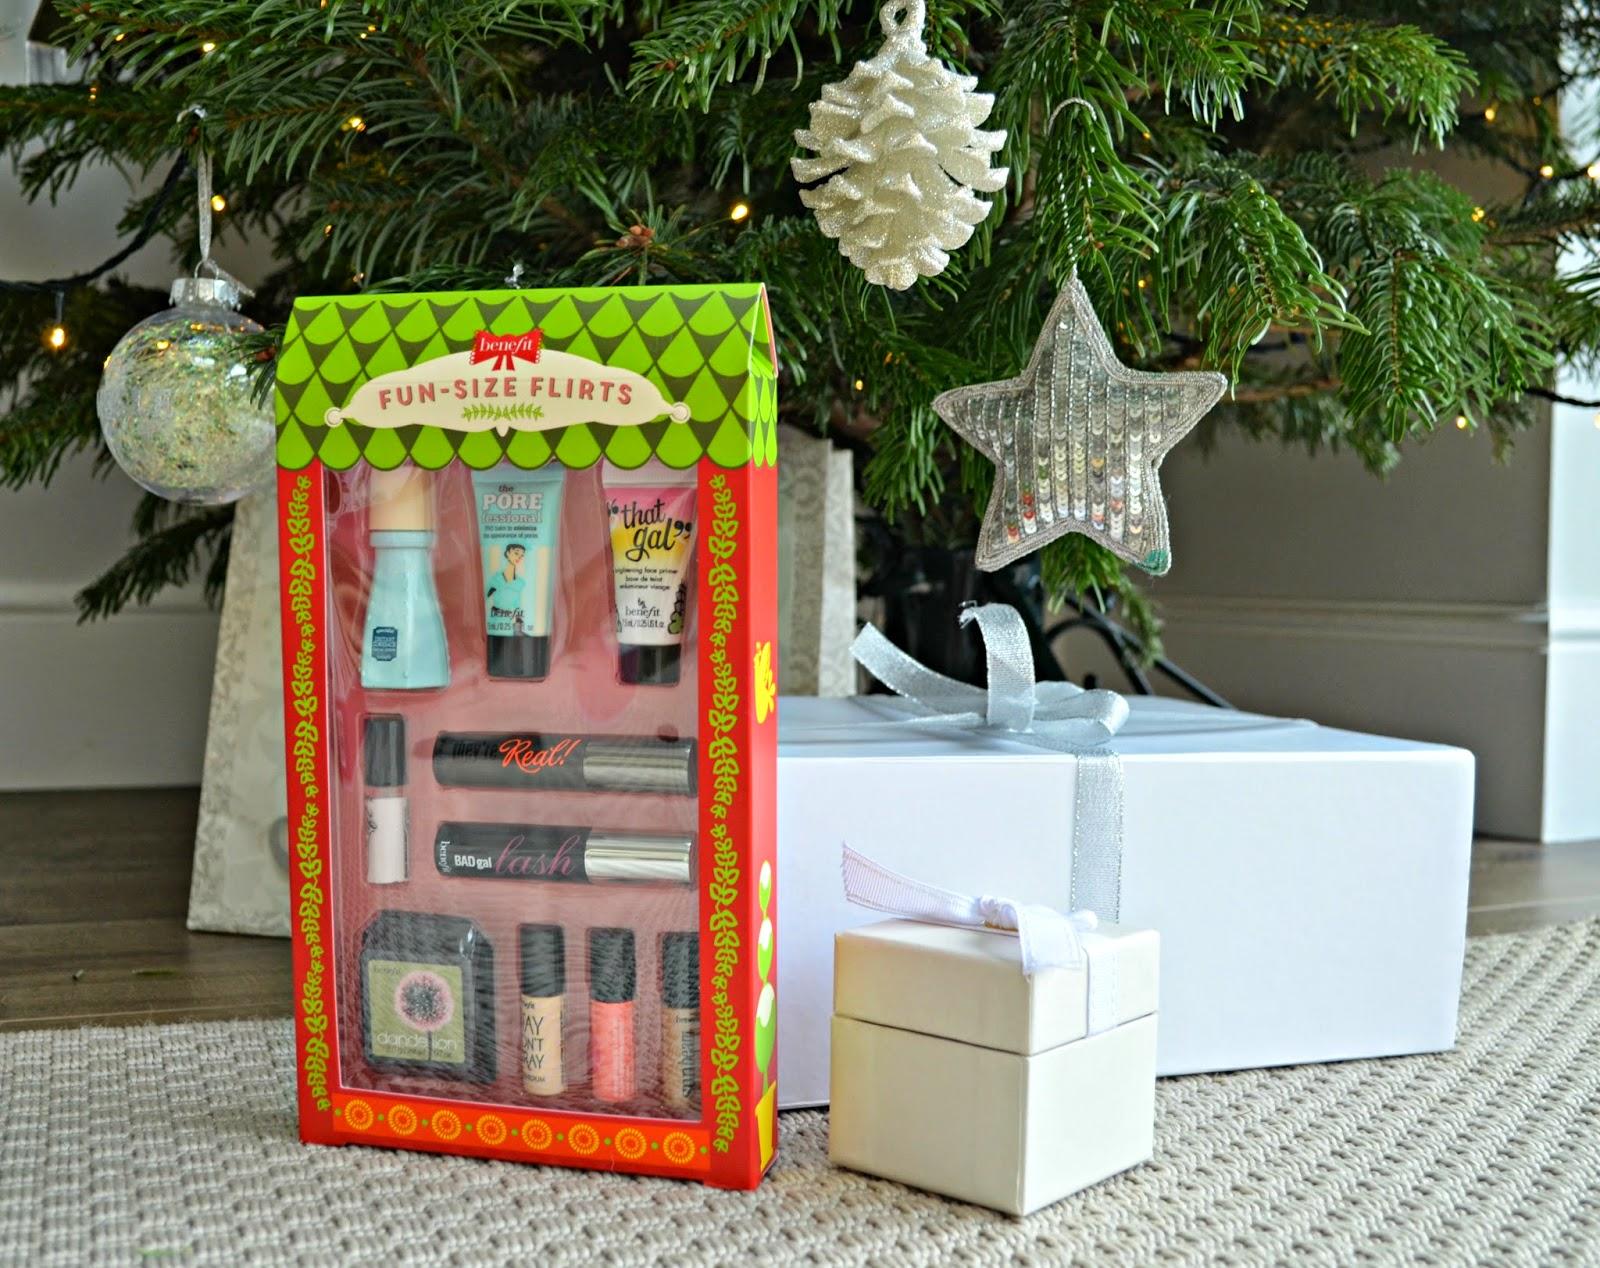 Benefit fun size flirts christmas gift set